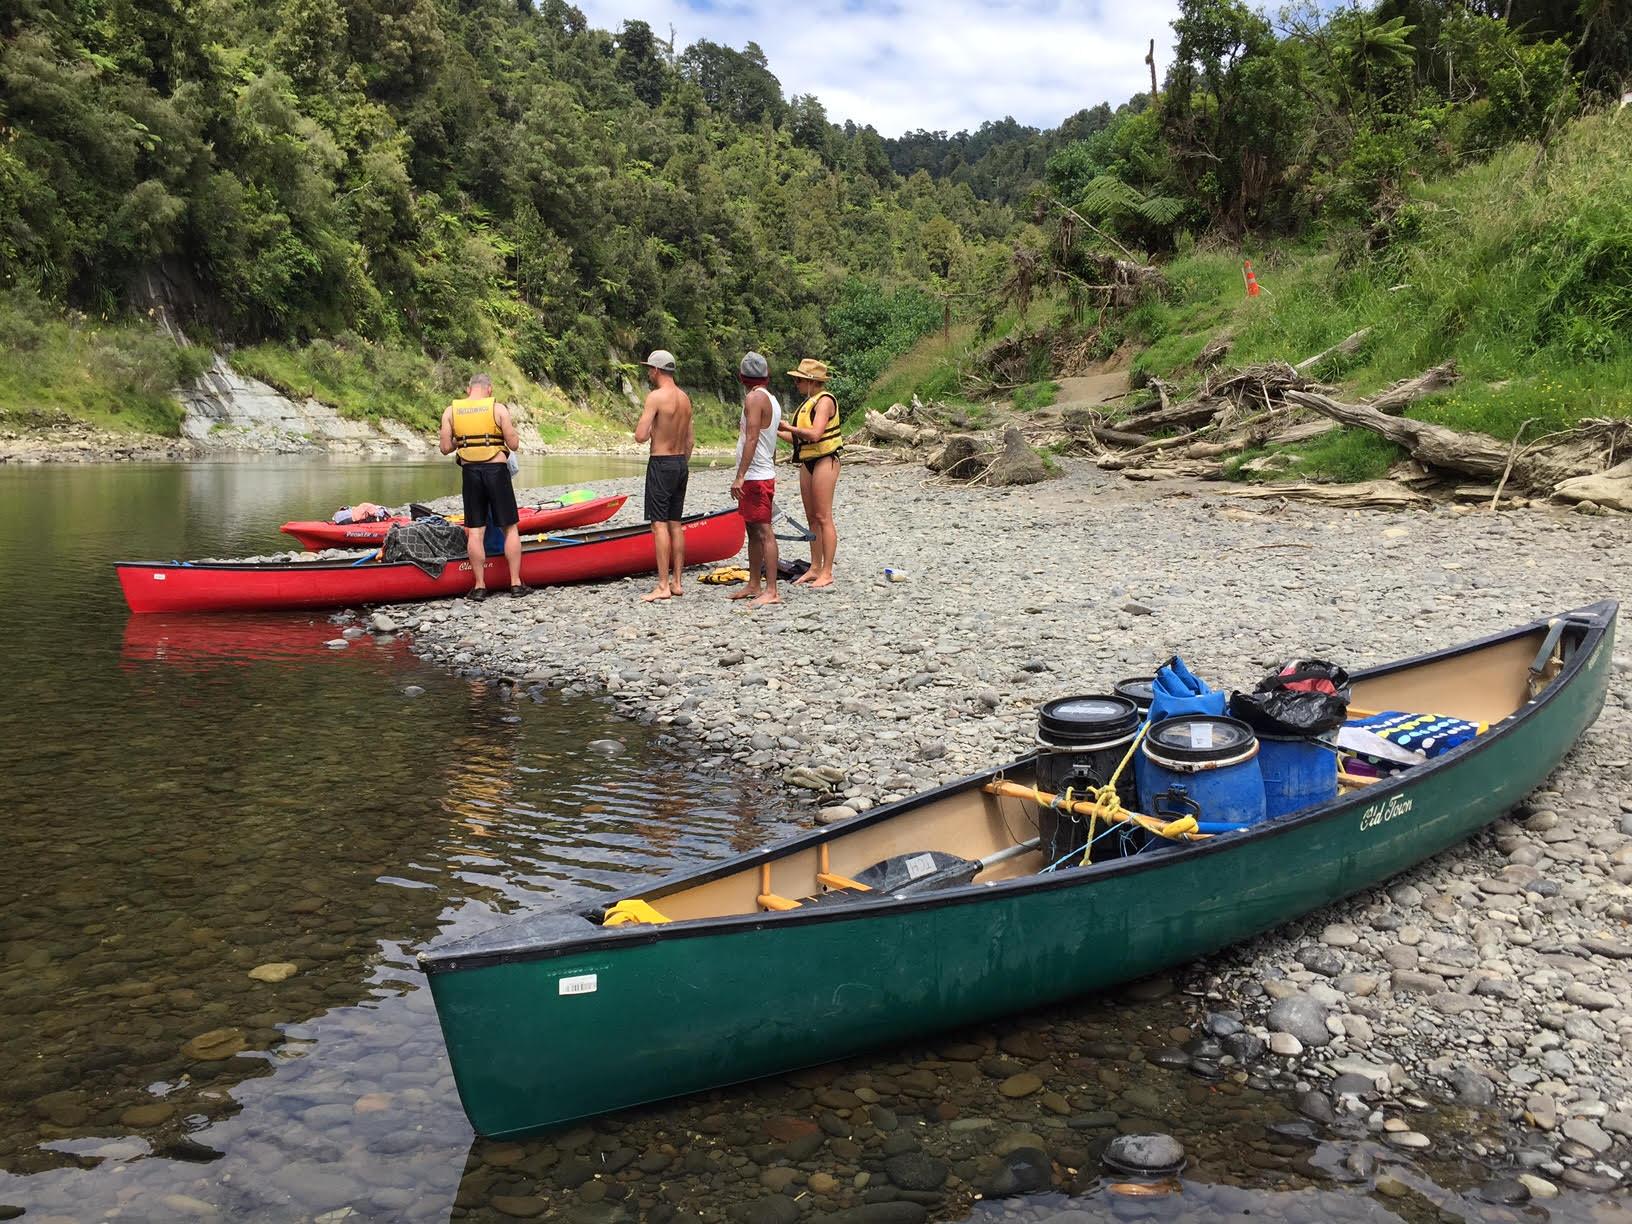 Whanganui River Canoe Details Hiking Nz